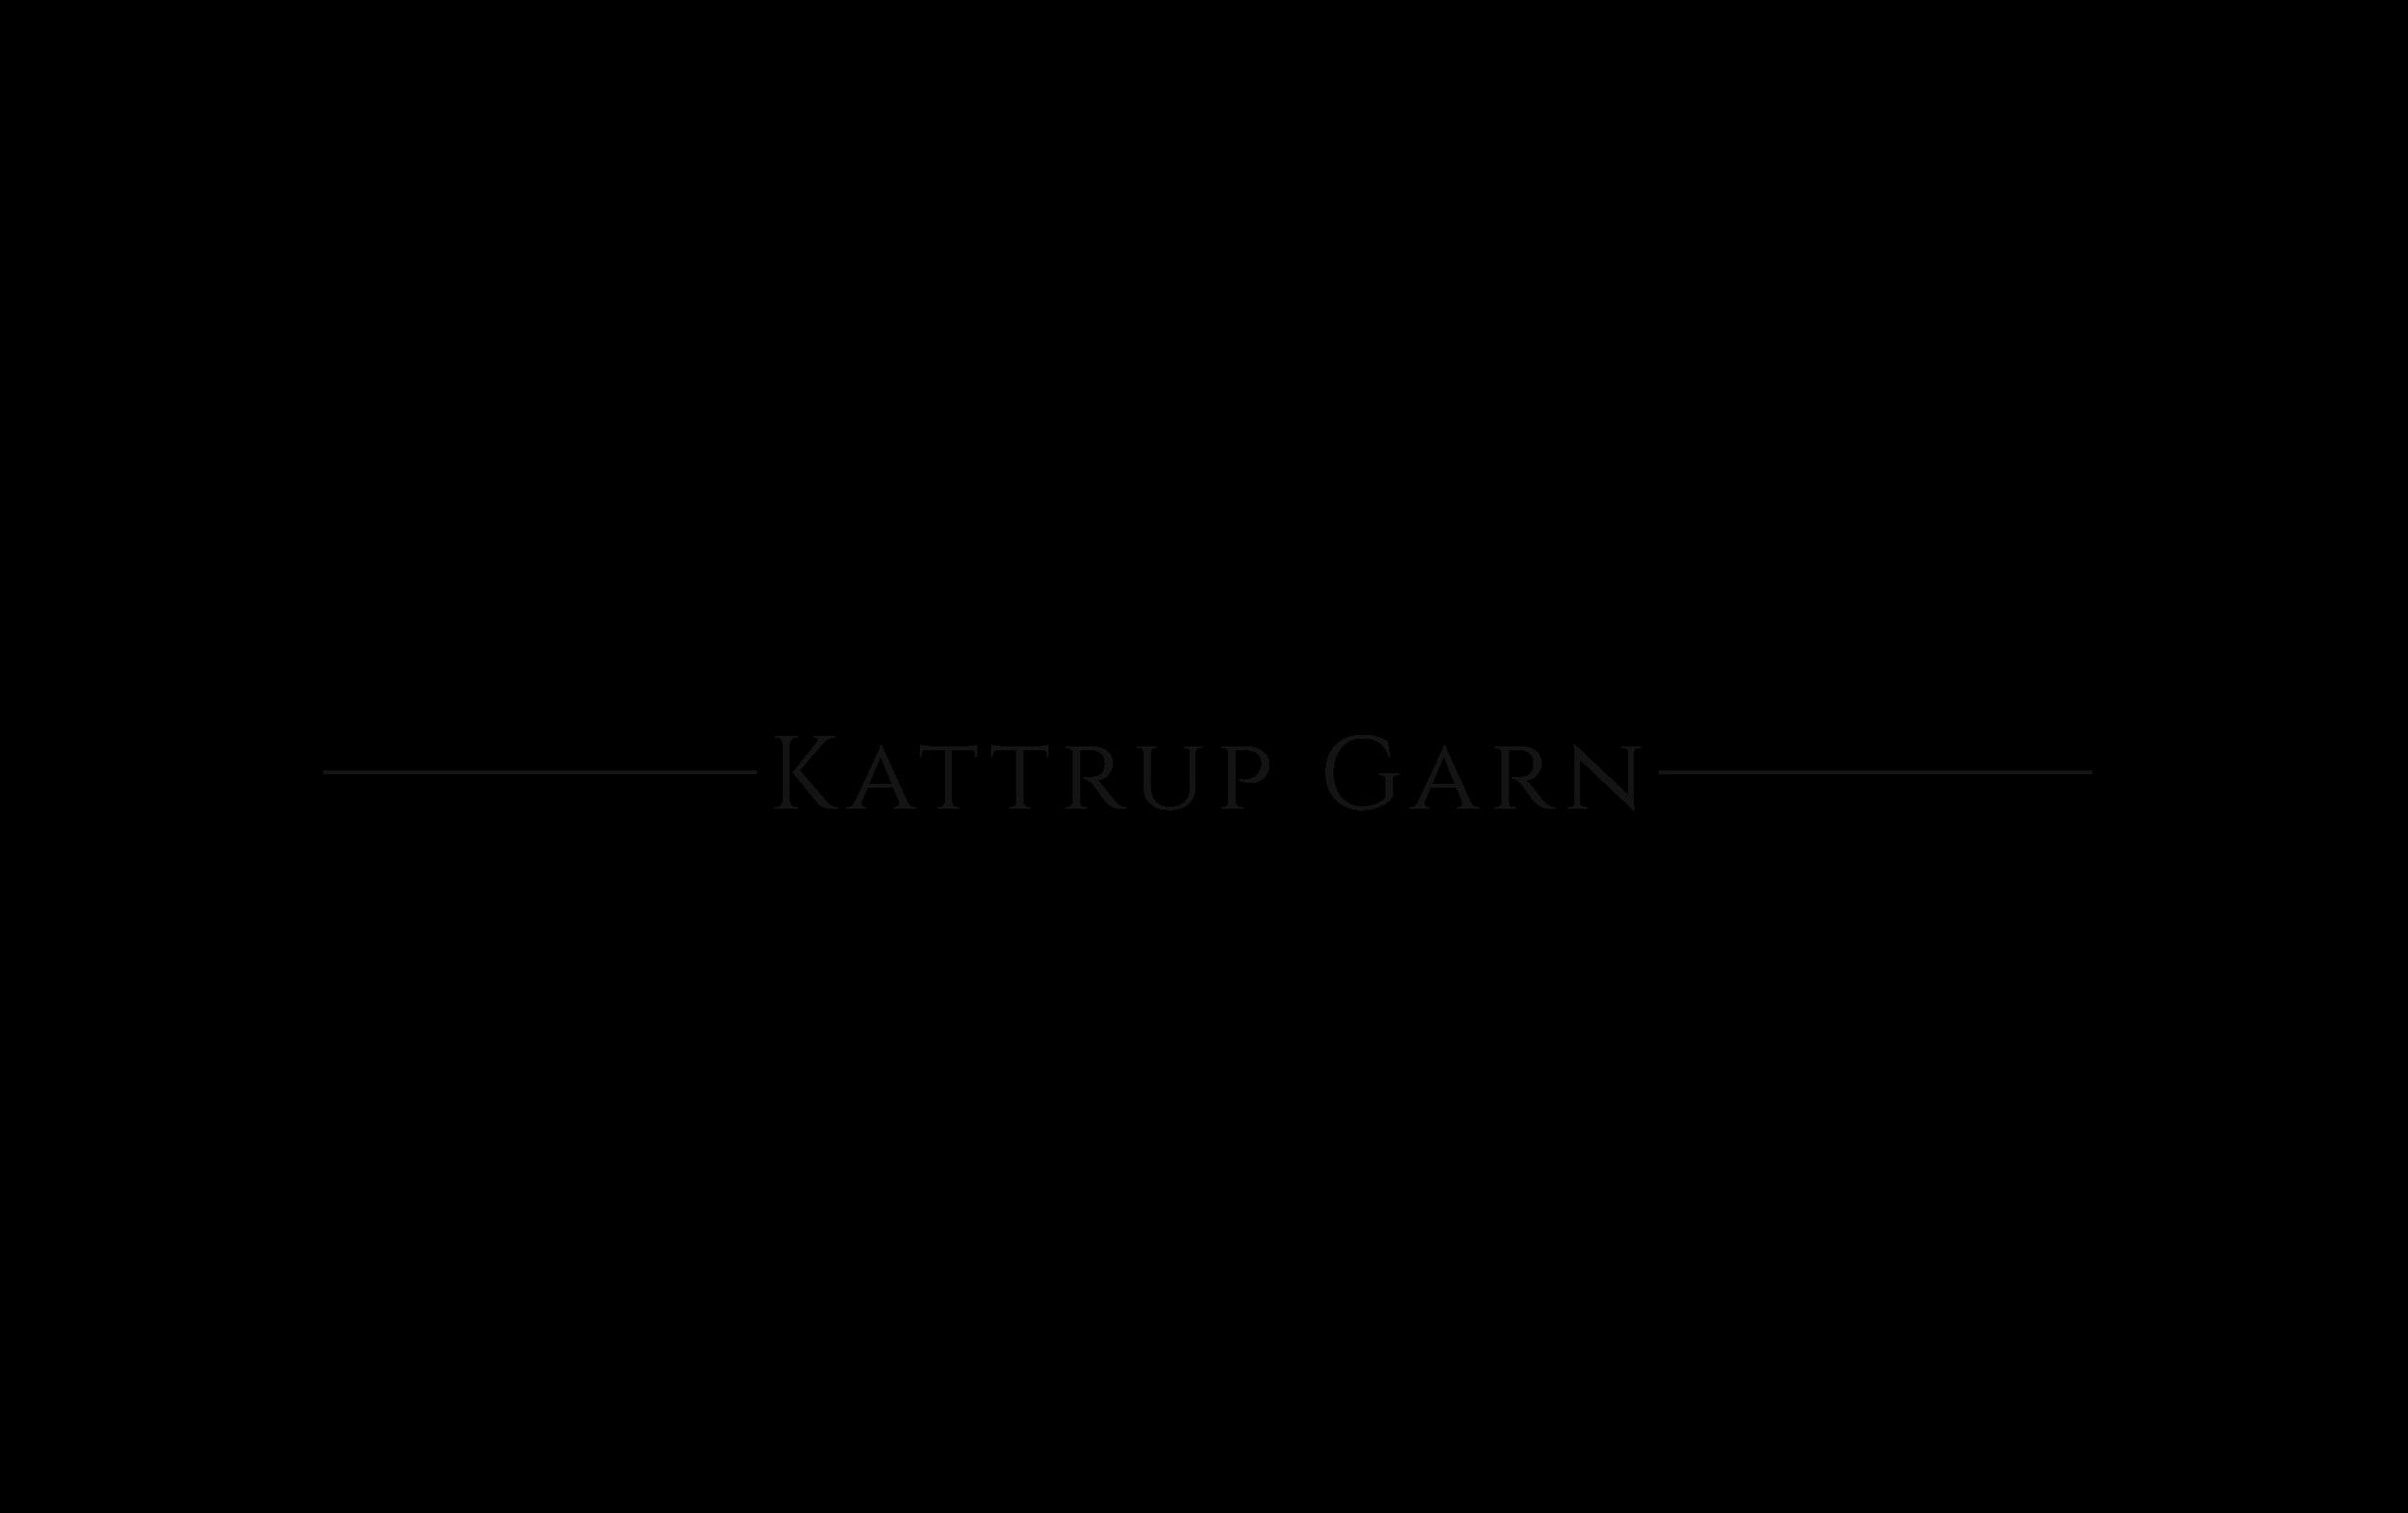 Kattrup Garn